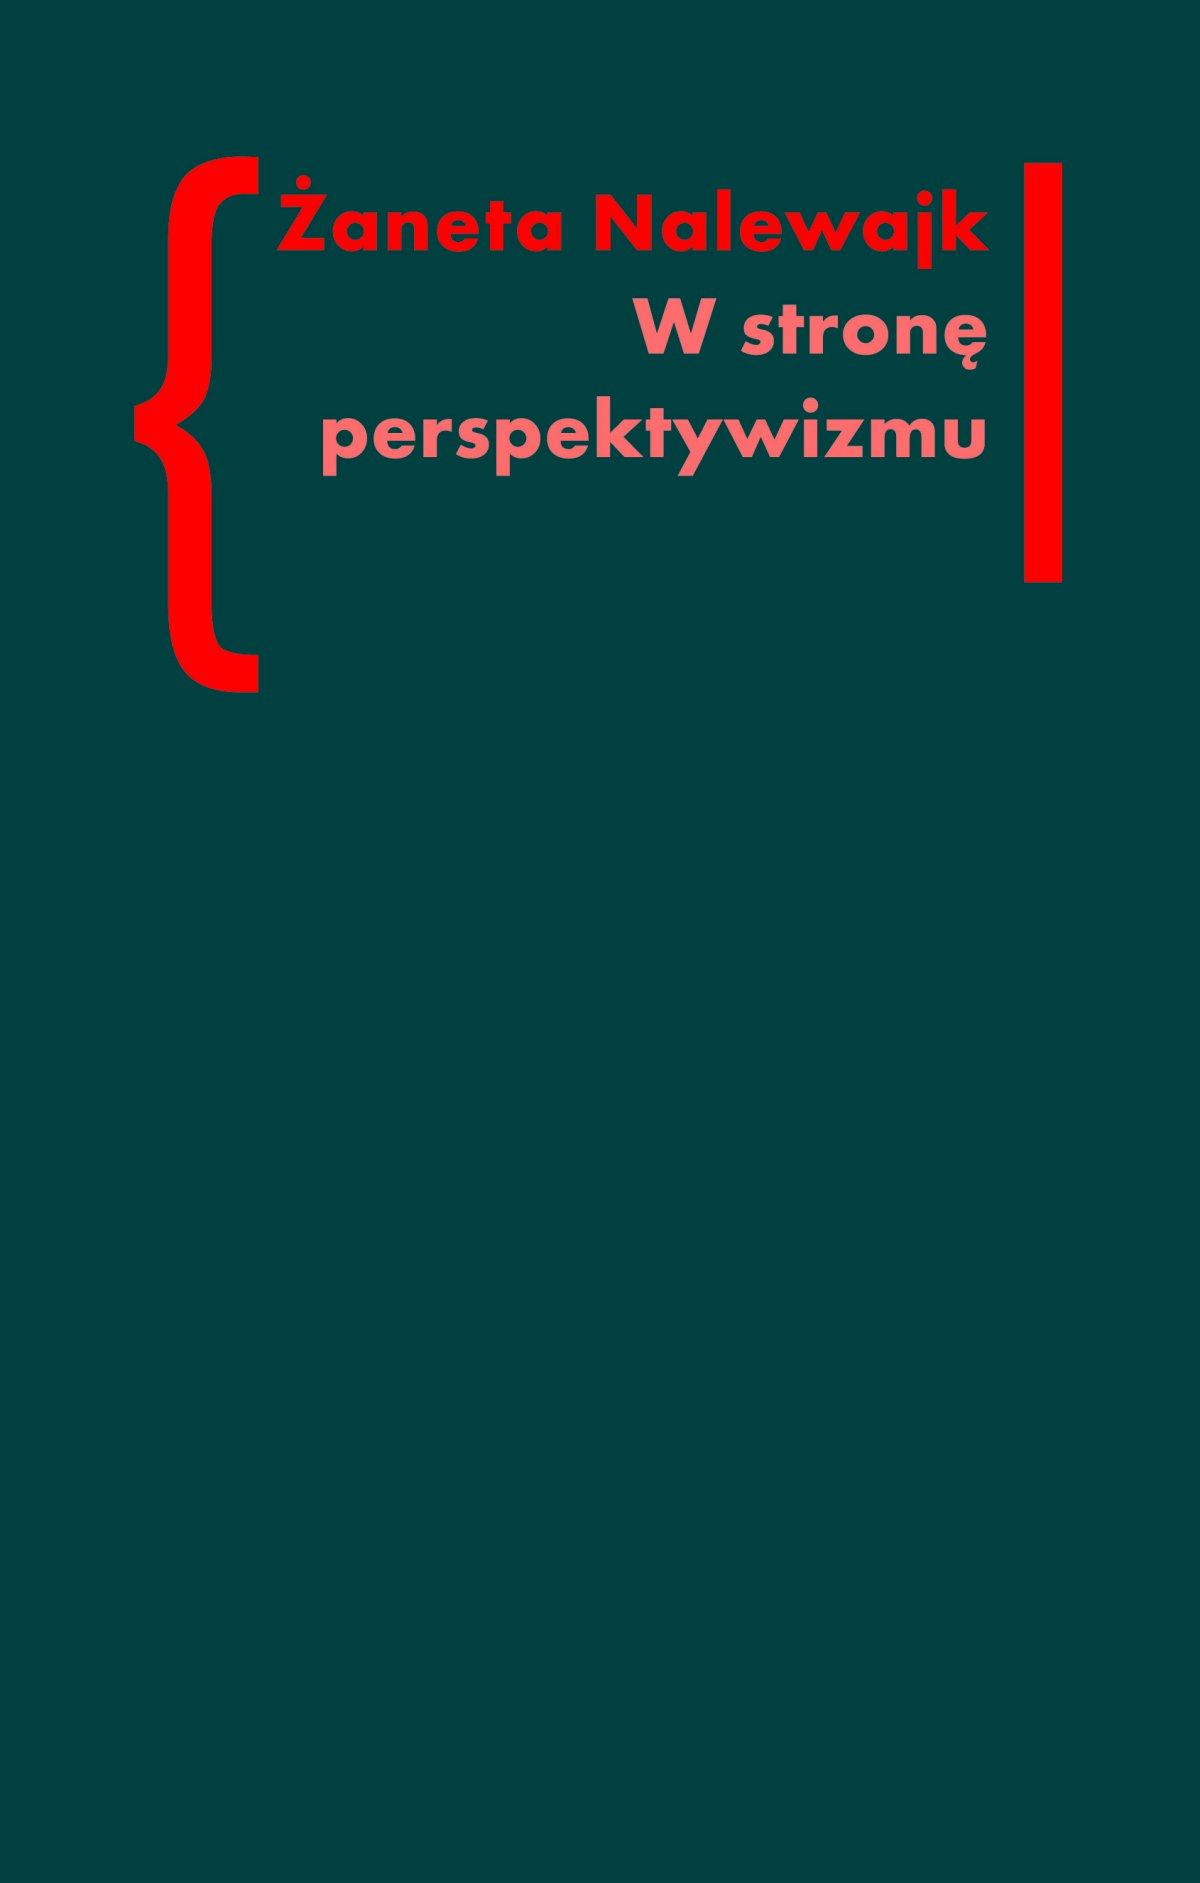 W stronę perspektywizmu. Problematyka cielesności w prozie Brunona Schulza i Witolda Gombrowicza - Ebook (Książka na Kindle) do pobrania w formacie MOBI